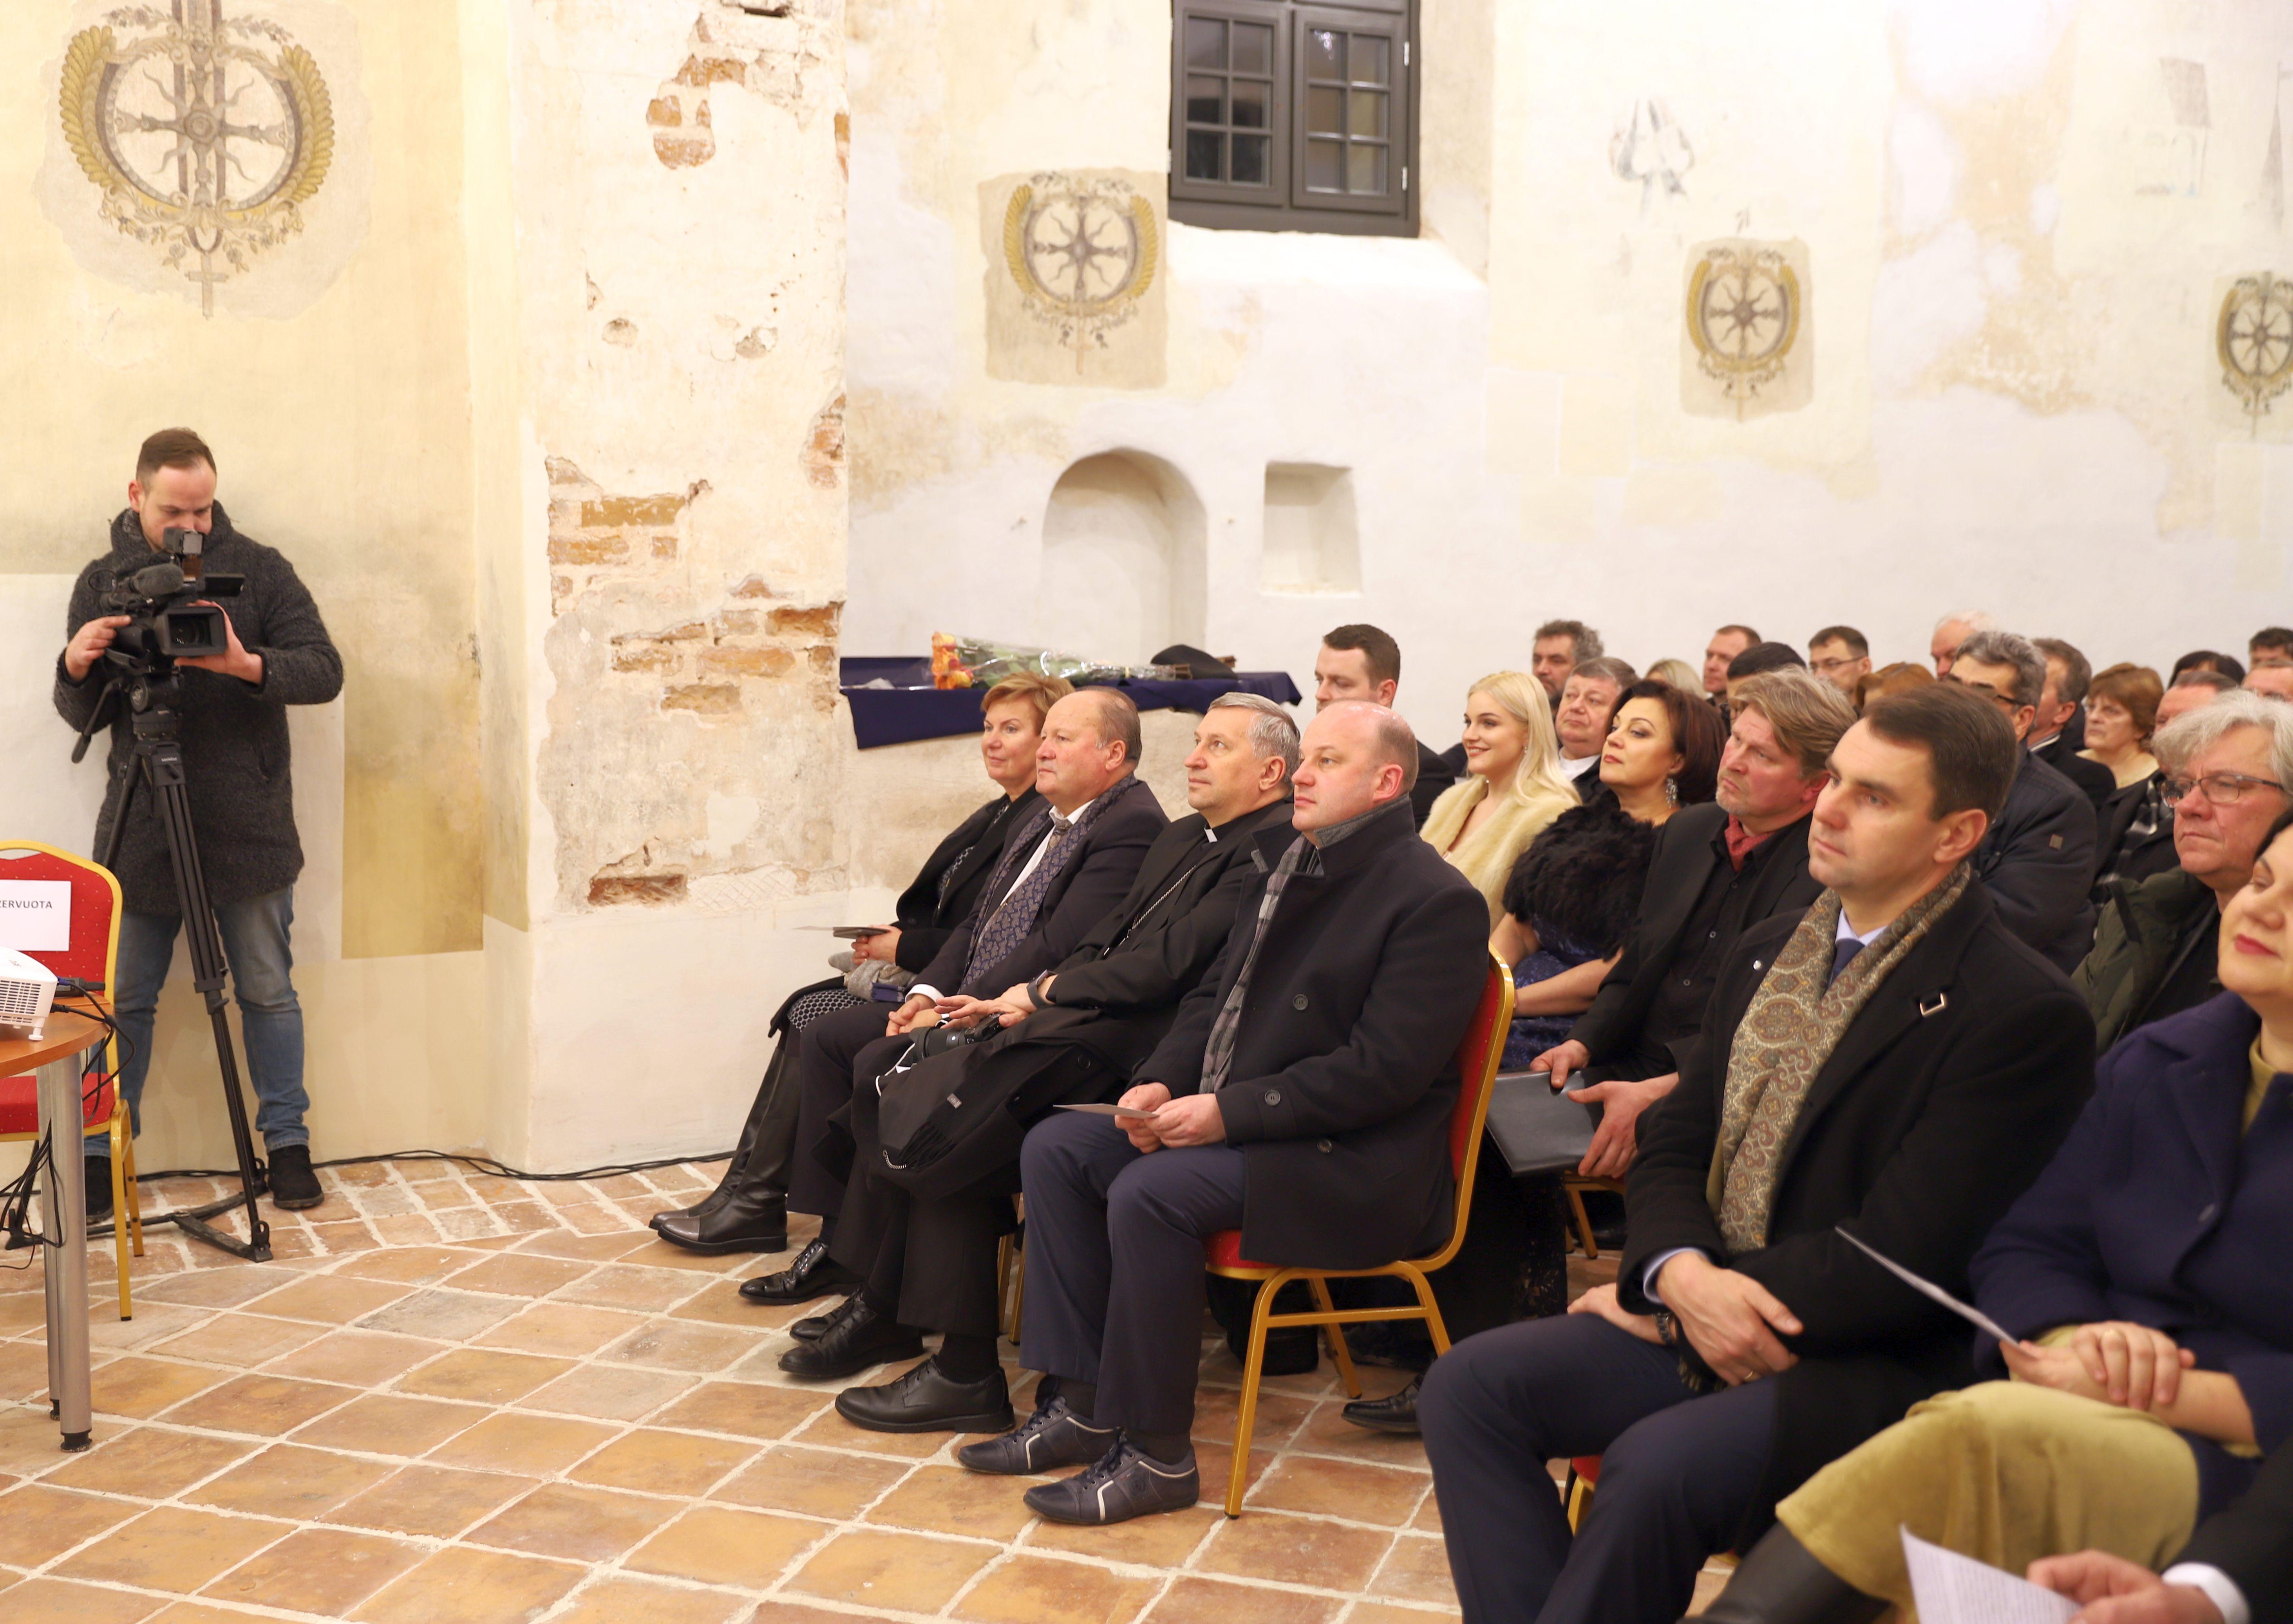 Zapyškio bažnyčia restauravimo pirmas etapas koncertas | Rengėjų nuotr.